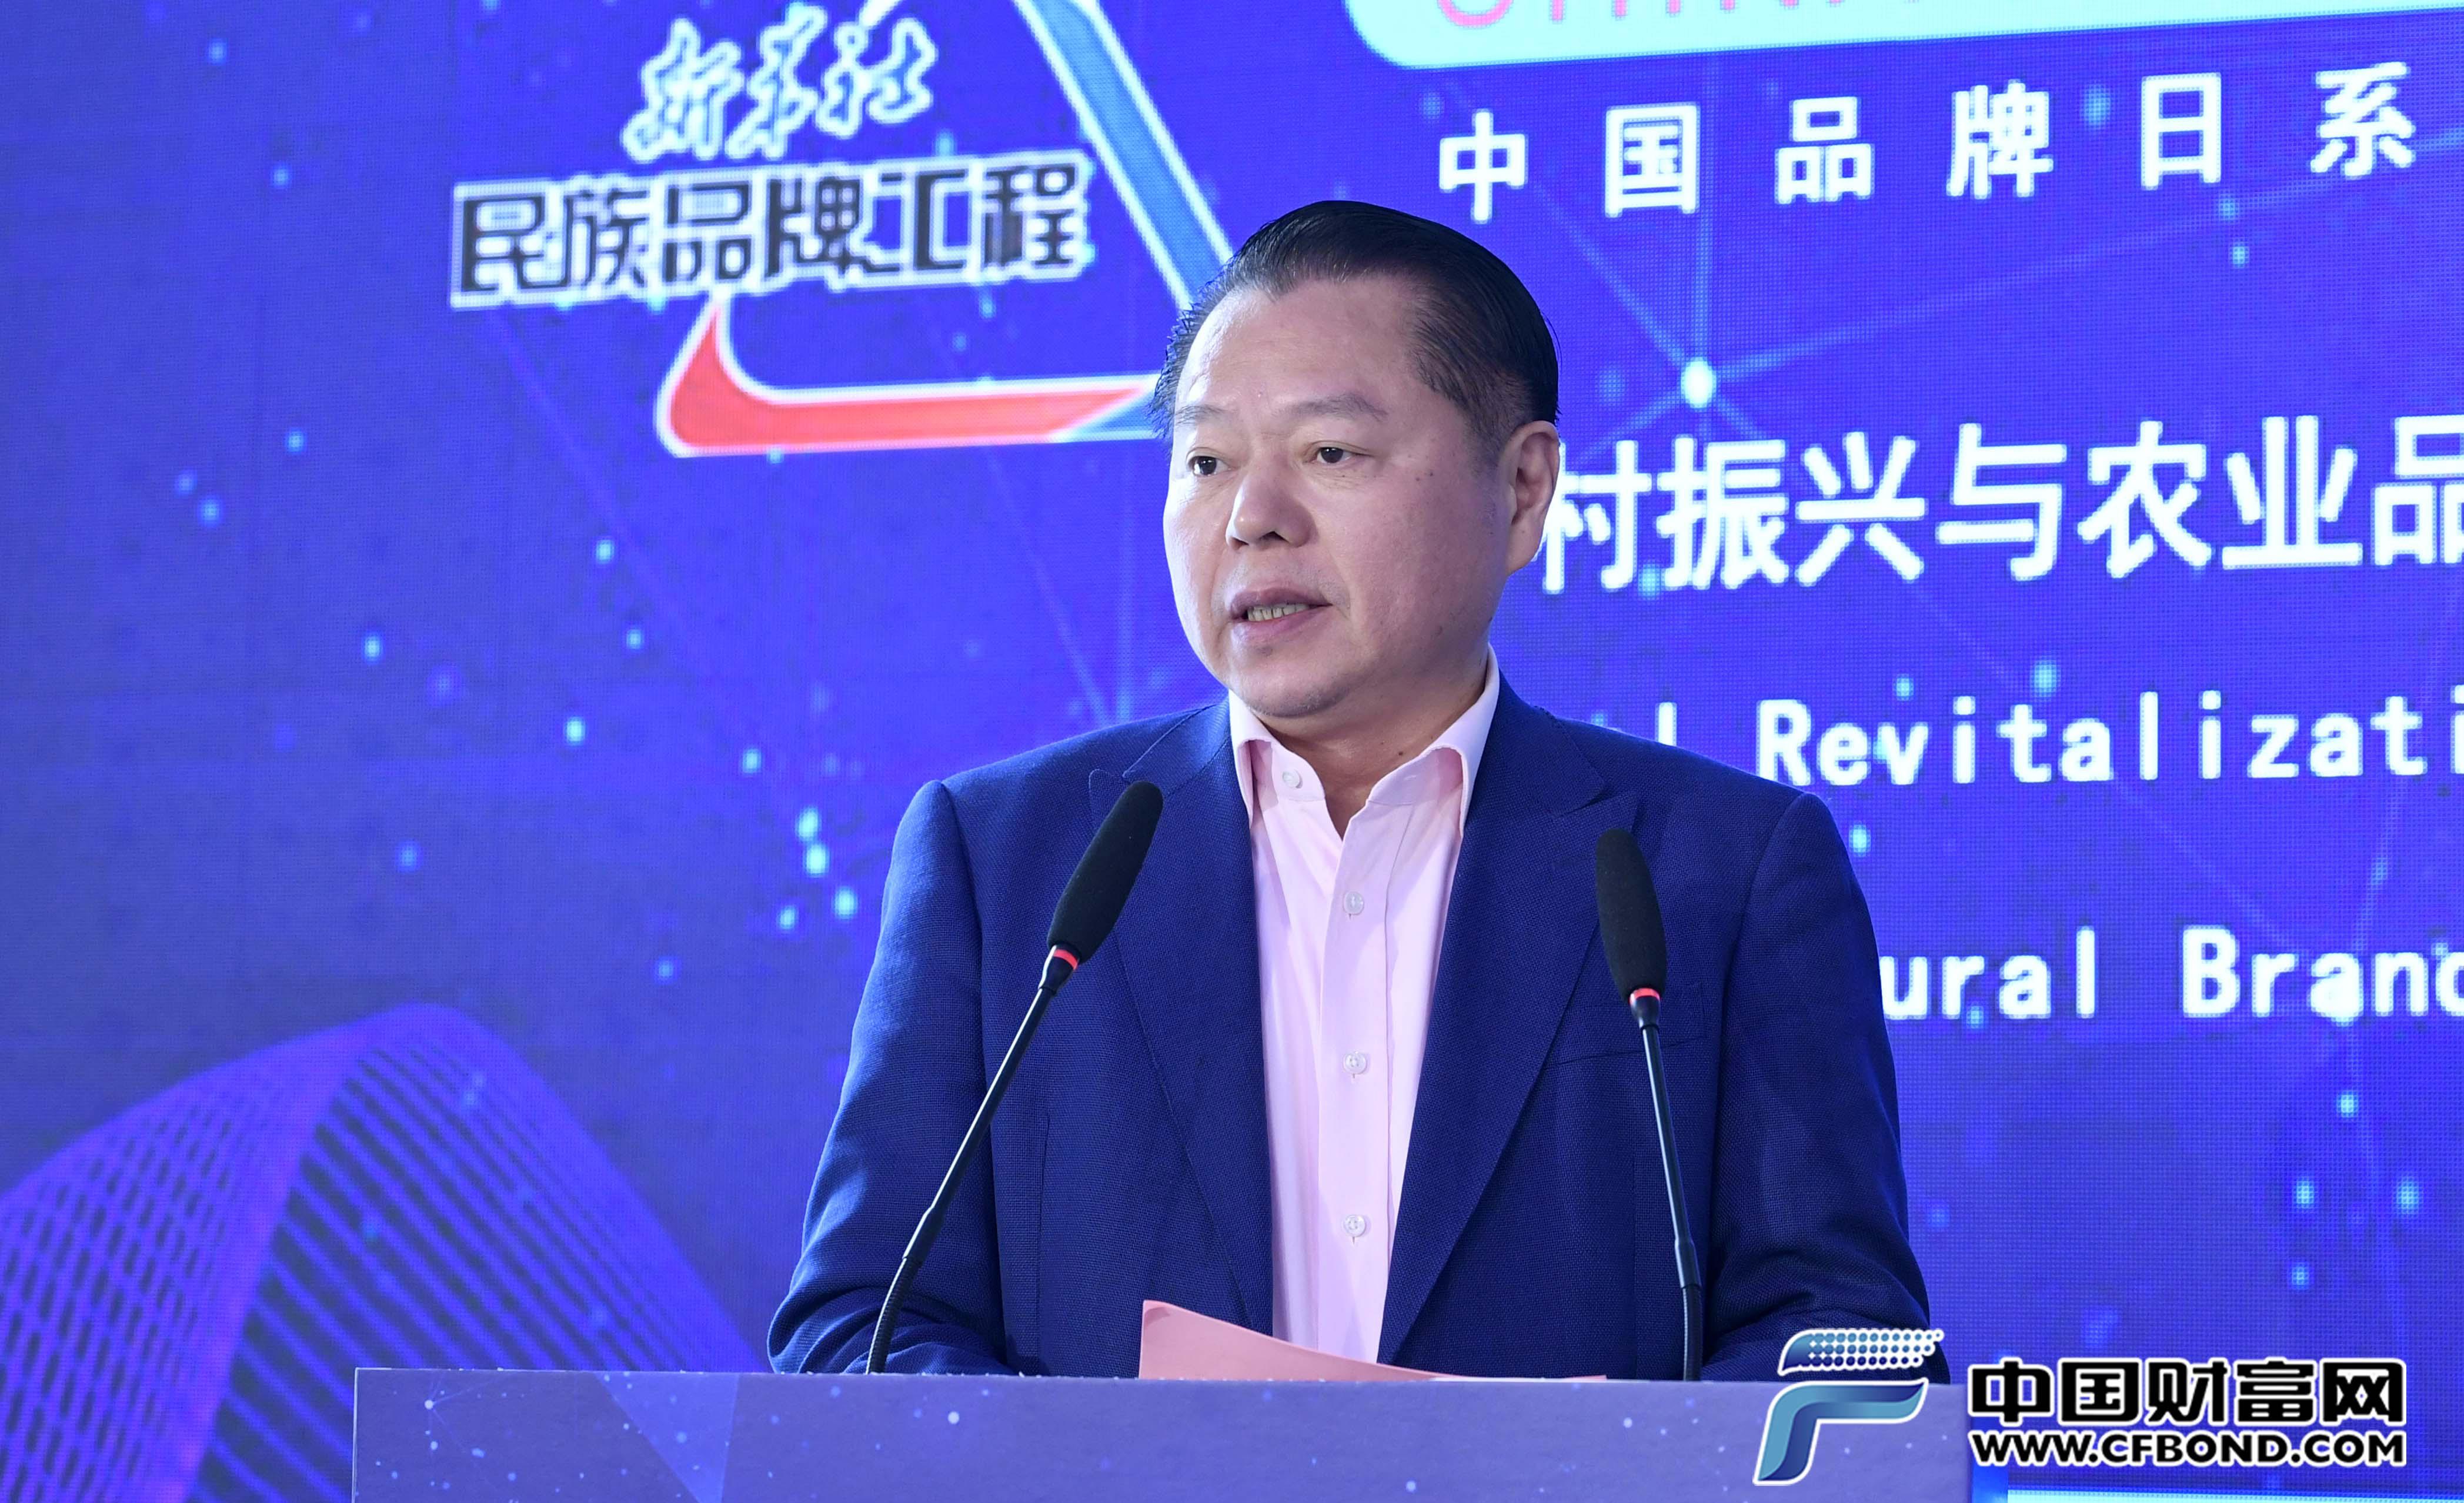 全国工商联常委、月星集团董事局主席丁佐宏发表主题演讲